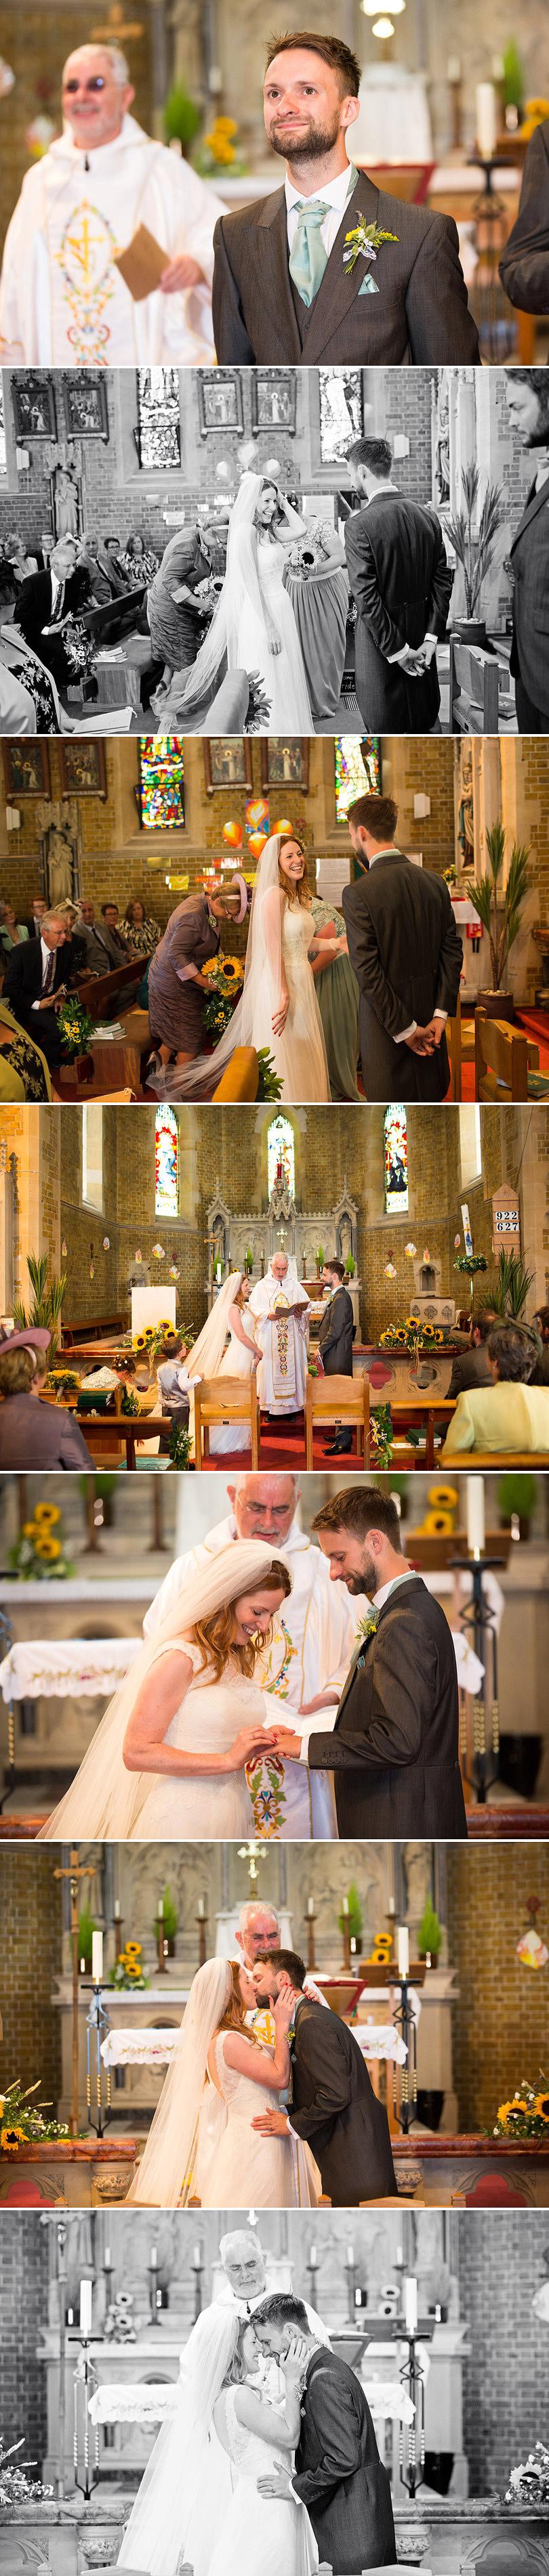 H&P-Chilston-Park-Wedding_10.jpg